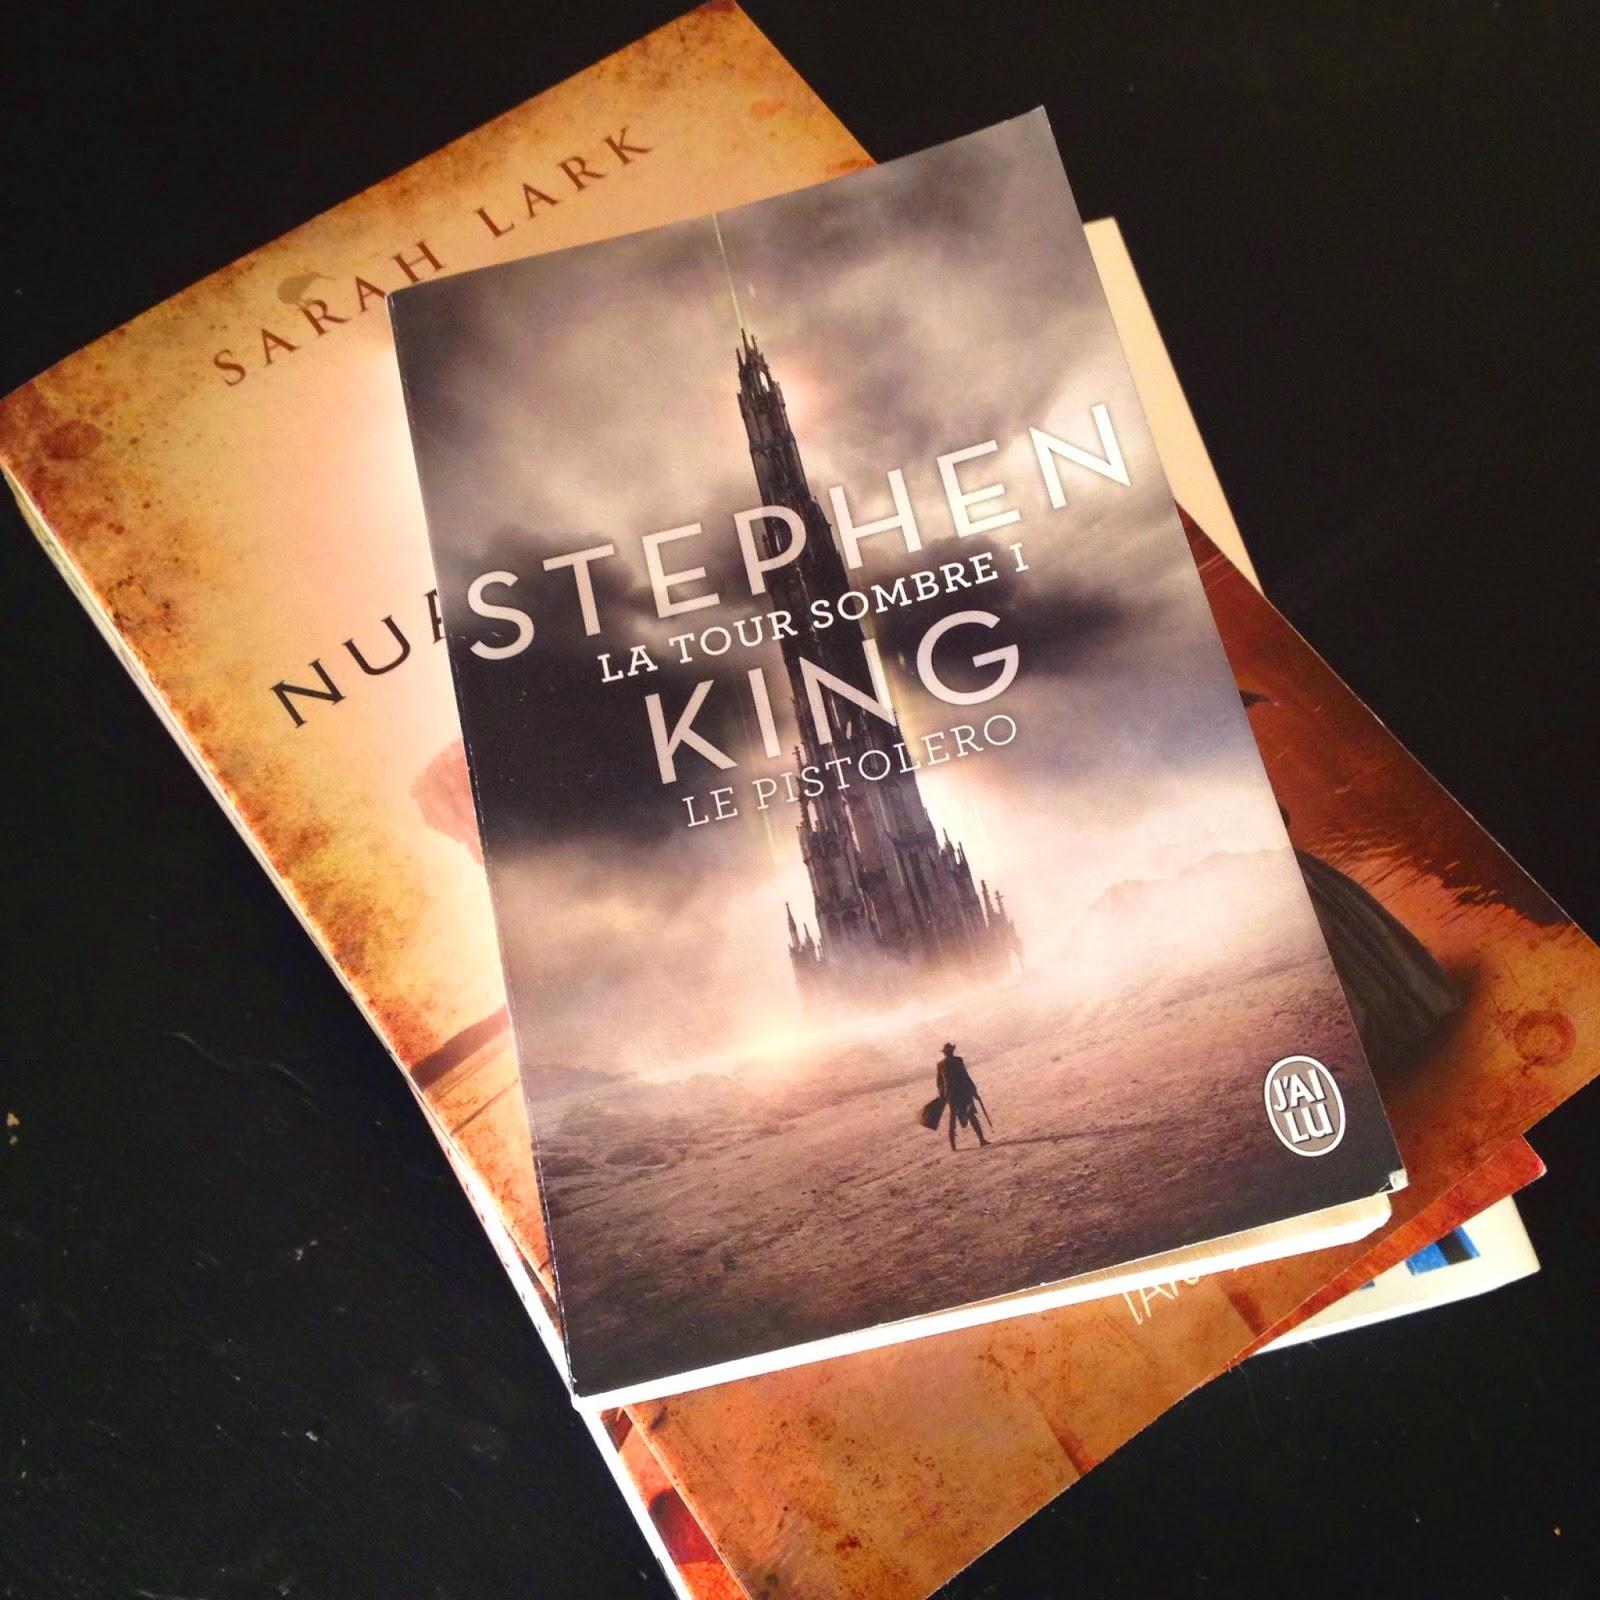 Stephen King La Tour Sombre Le Pistolero